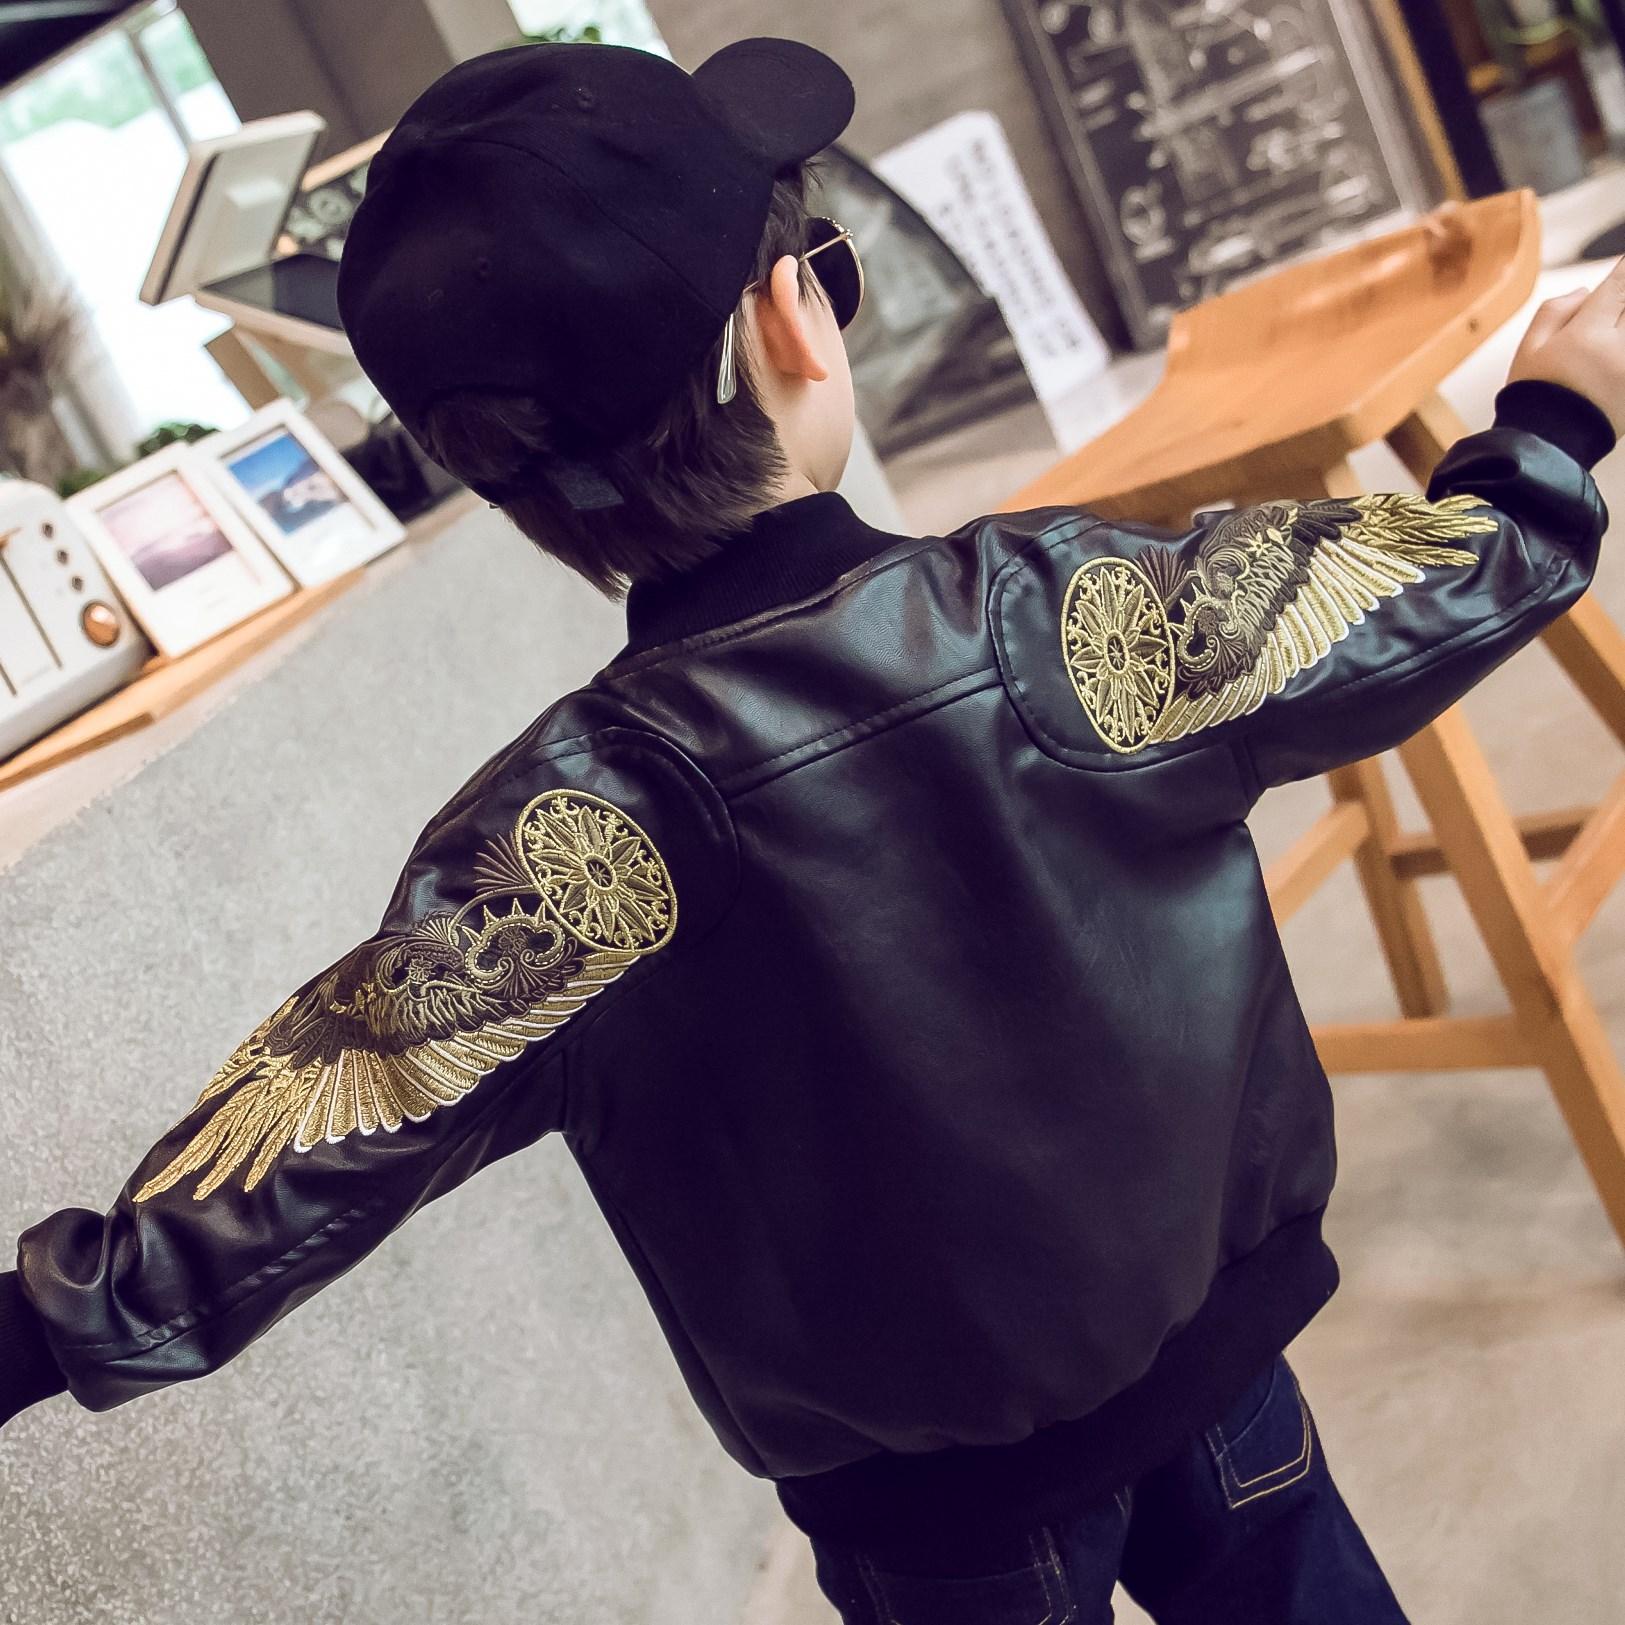 男童外套男孩上衣中大儿童装秋装2019春秋季新款小孩加绒皮衣夹克